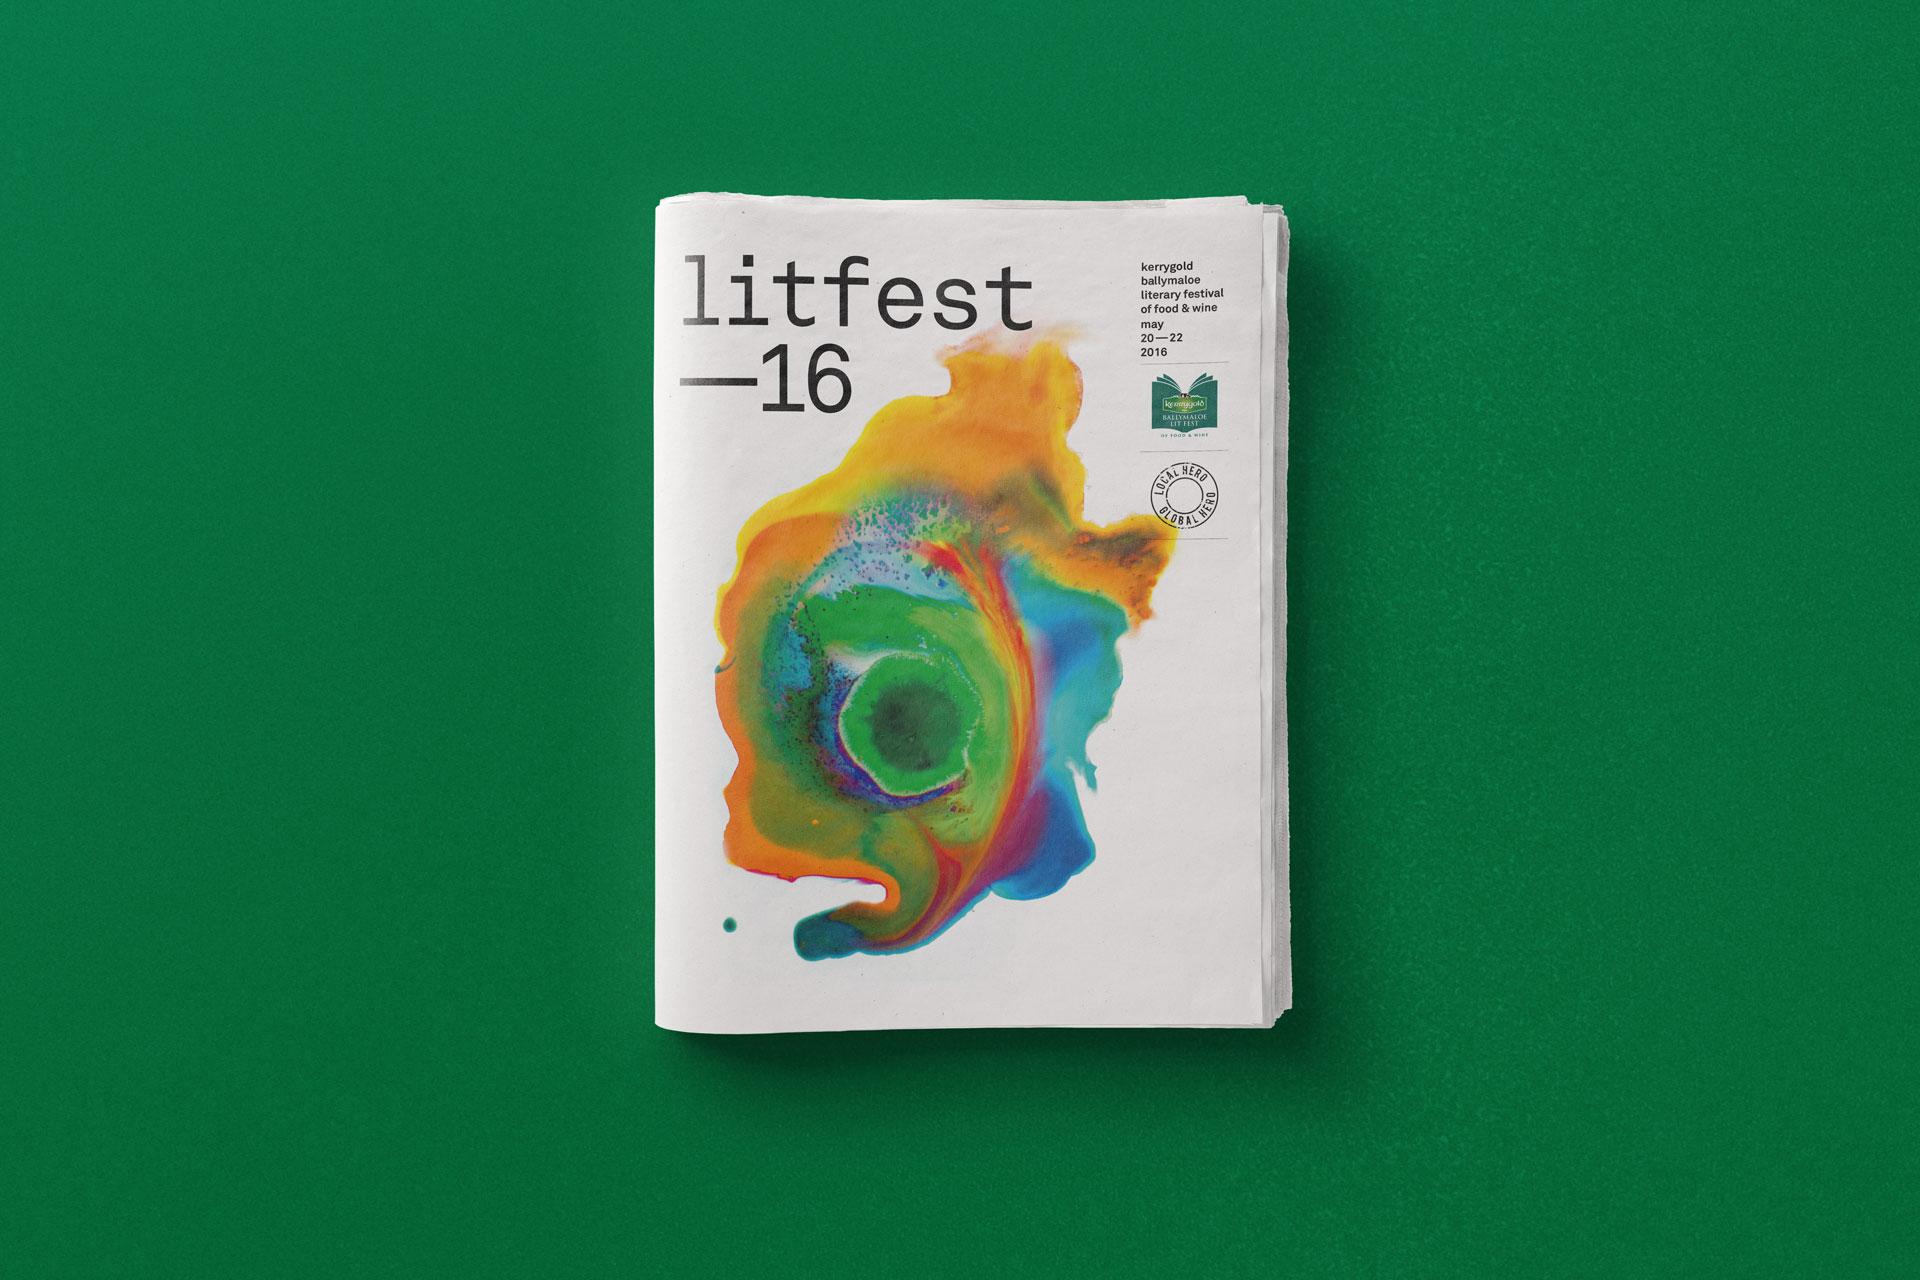 TrueOutput - Litfest 2016